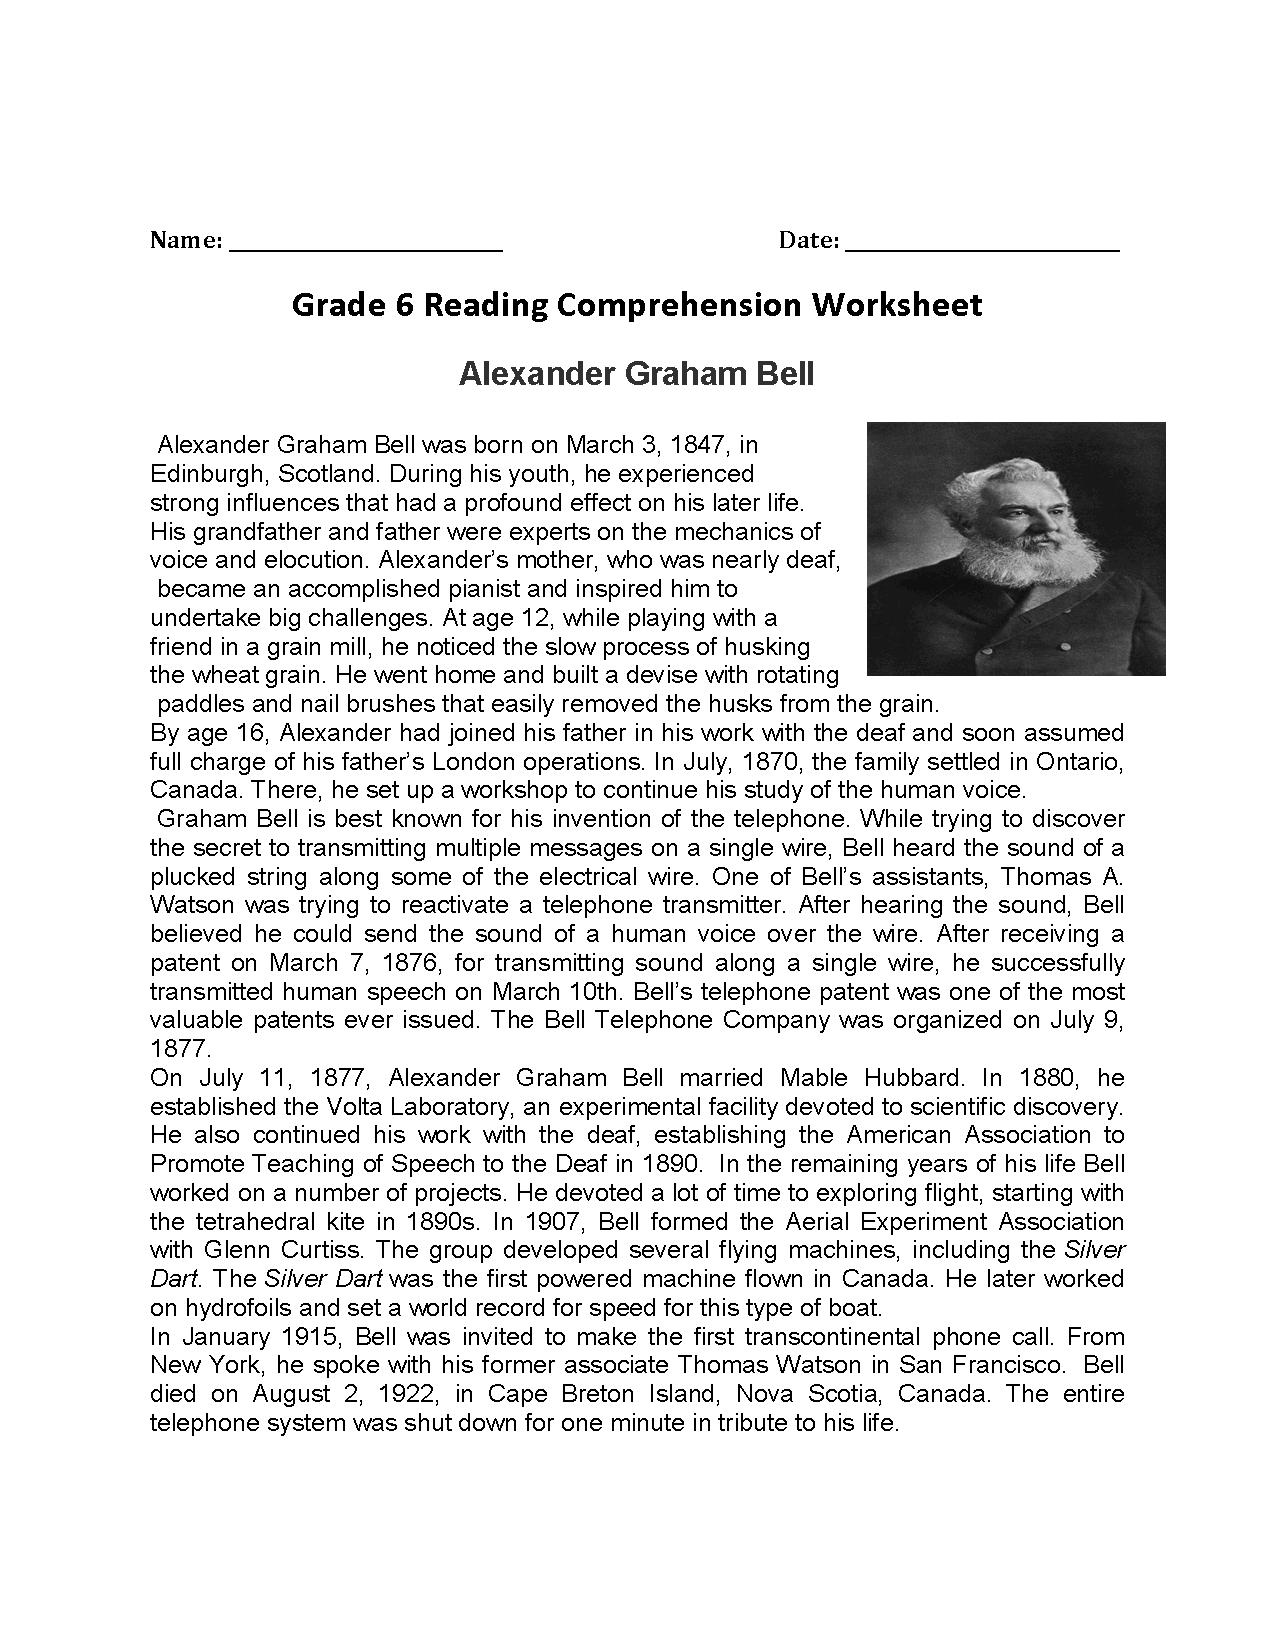 Alexander Graham Bell Sixth Grade Reading Worksheets